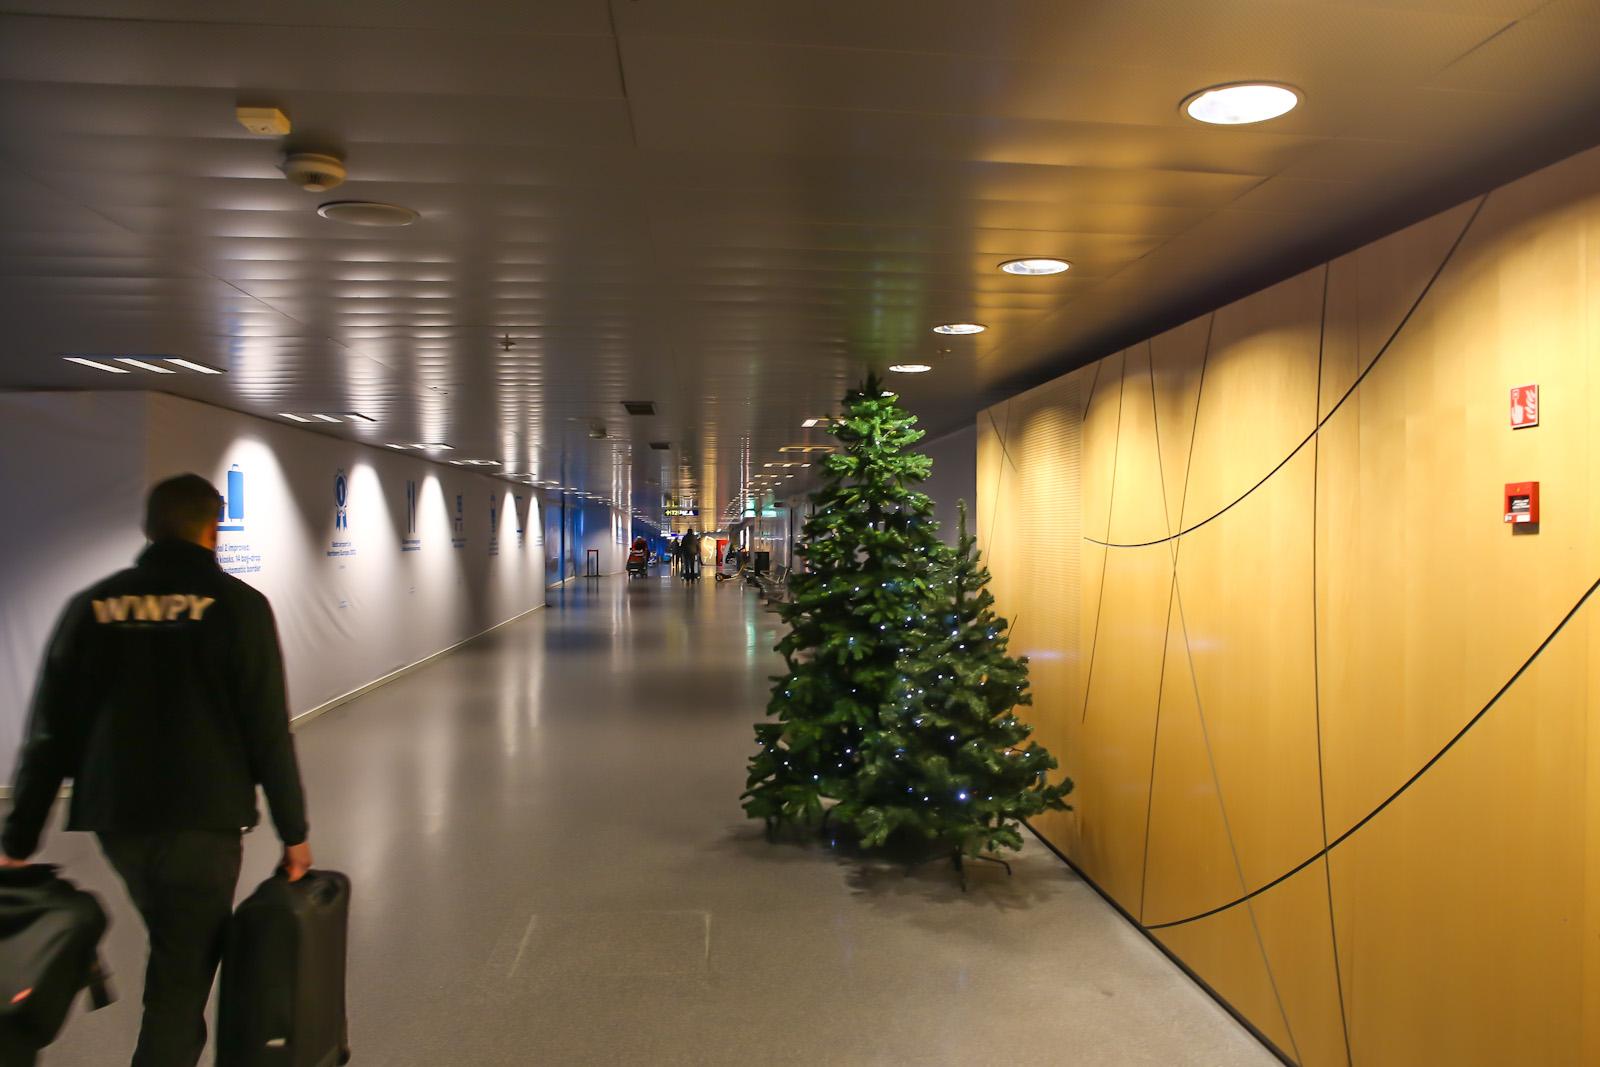 Переход между терминалами в аэропорту Хельсинки